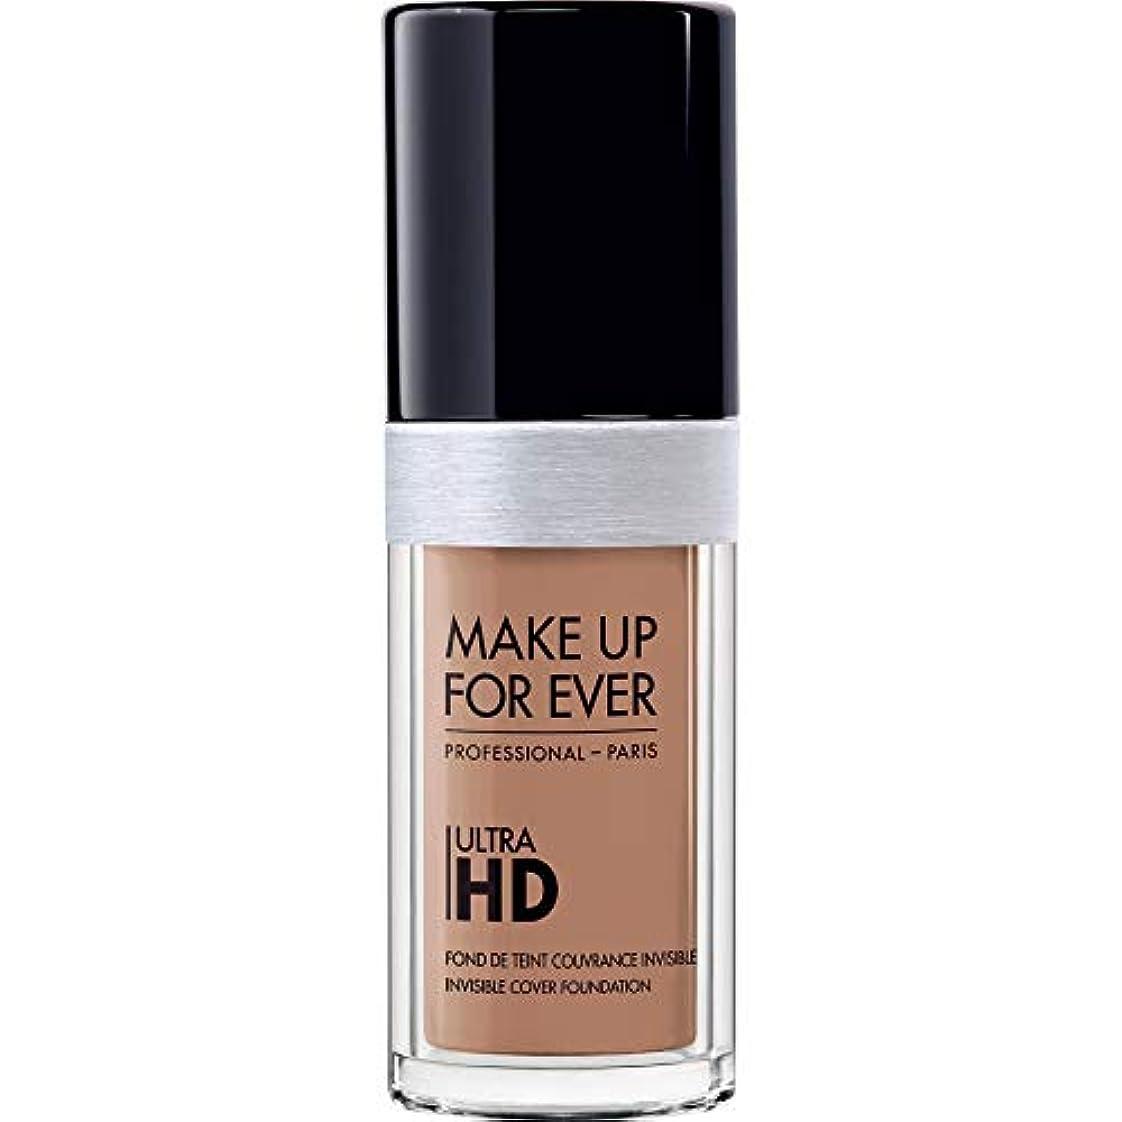 ワーカーオリエント招待[MAKE UP FOR EVER ] 目に見えないカバーファンデーション30ミリリットルのY435 - - これまでの超Hdの基盤を補うキャラメル - MAKE UP FOR EVER Ultra HD Foundation...